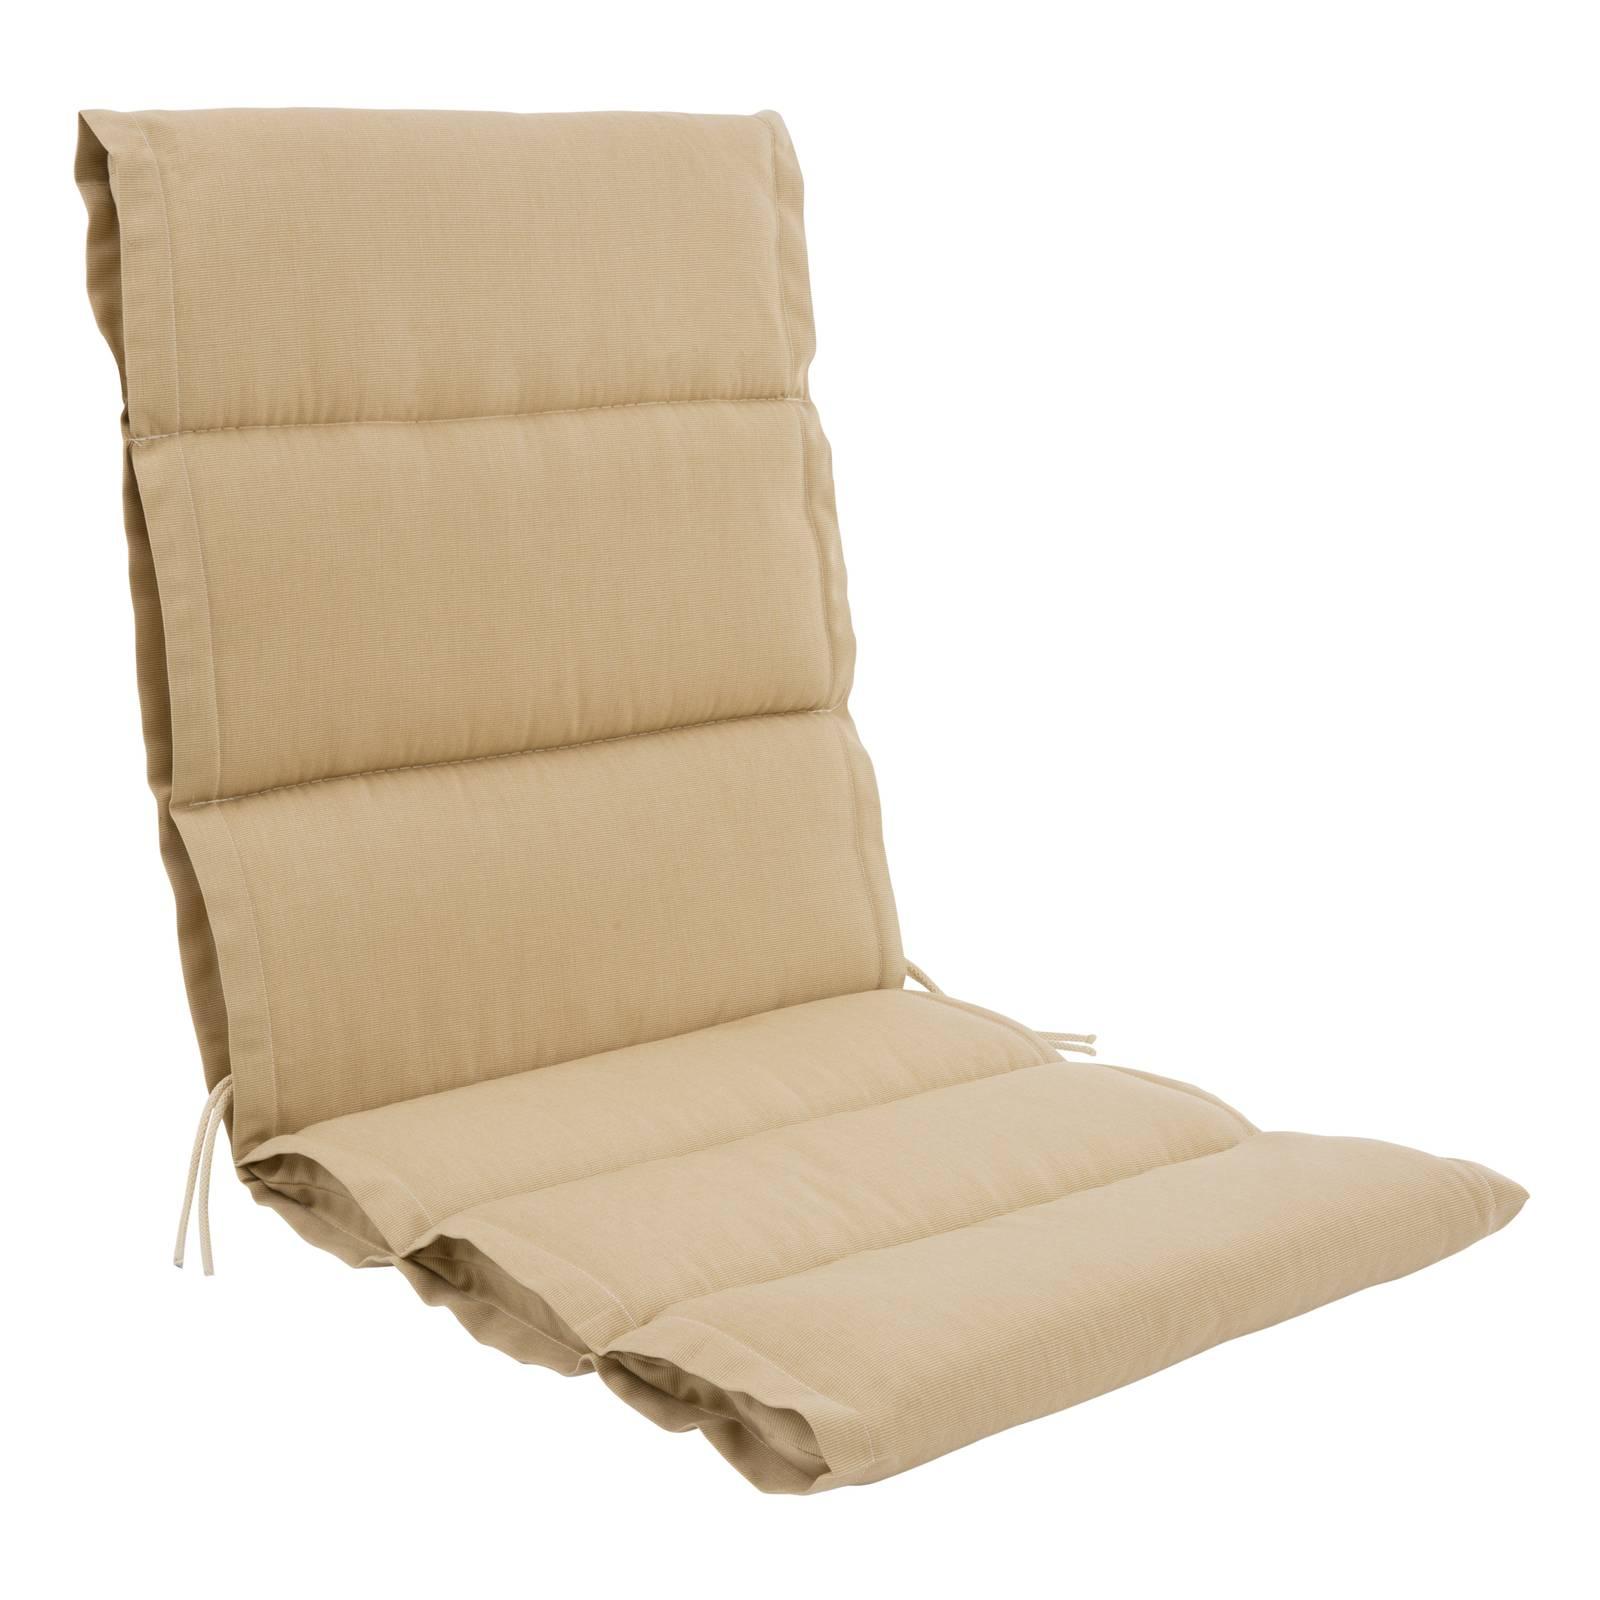 Poduszka na krzesło Ambiente Niedrig 5,5 cm D005-05DB PATIO